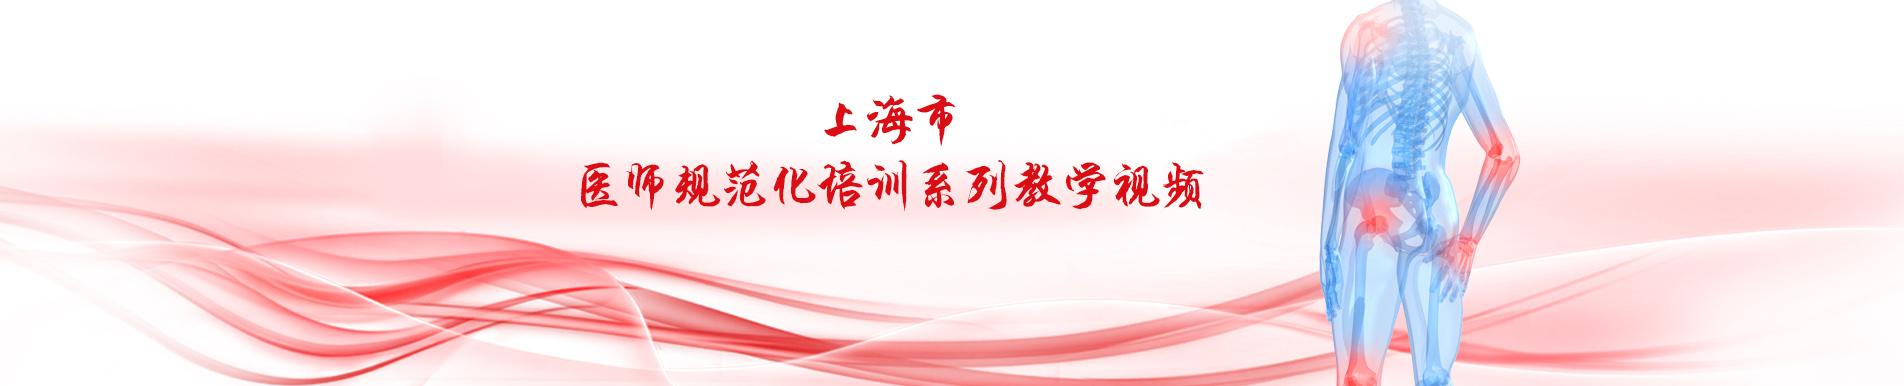 上海市住院医师规范化培训系列教学视频